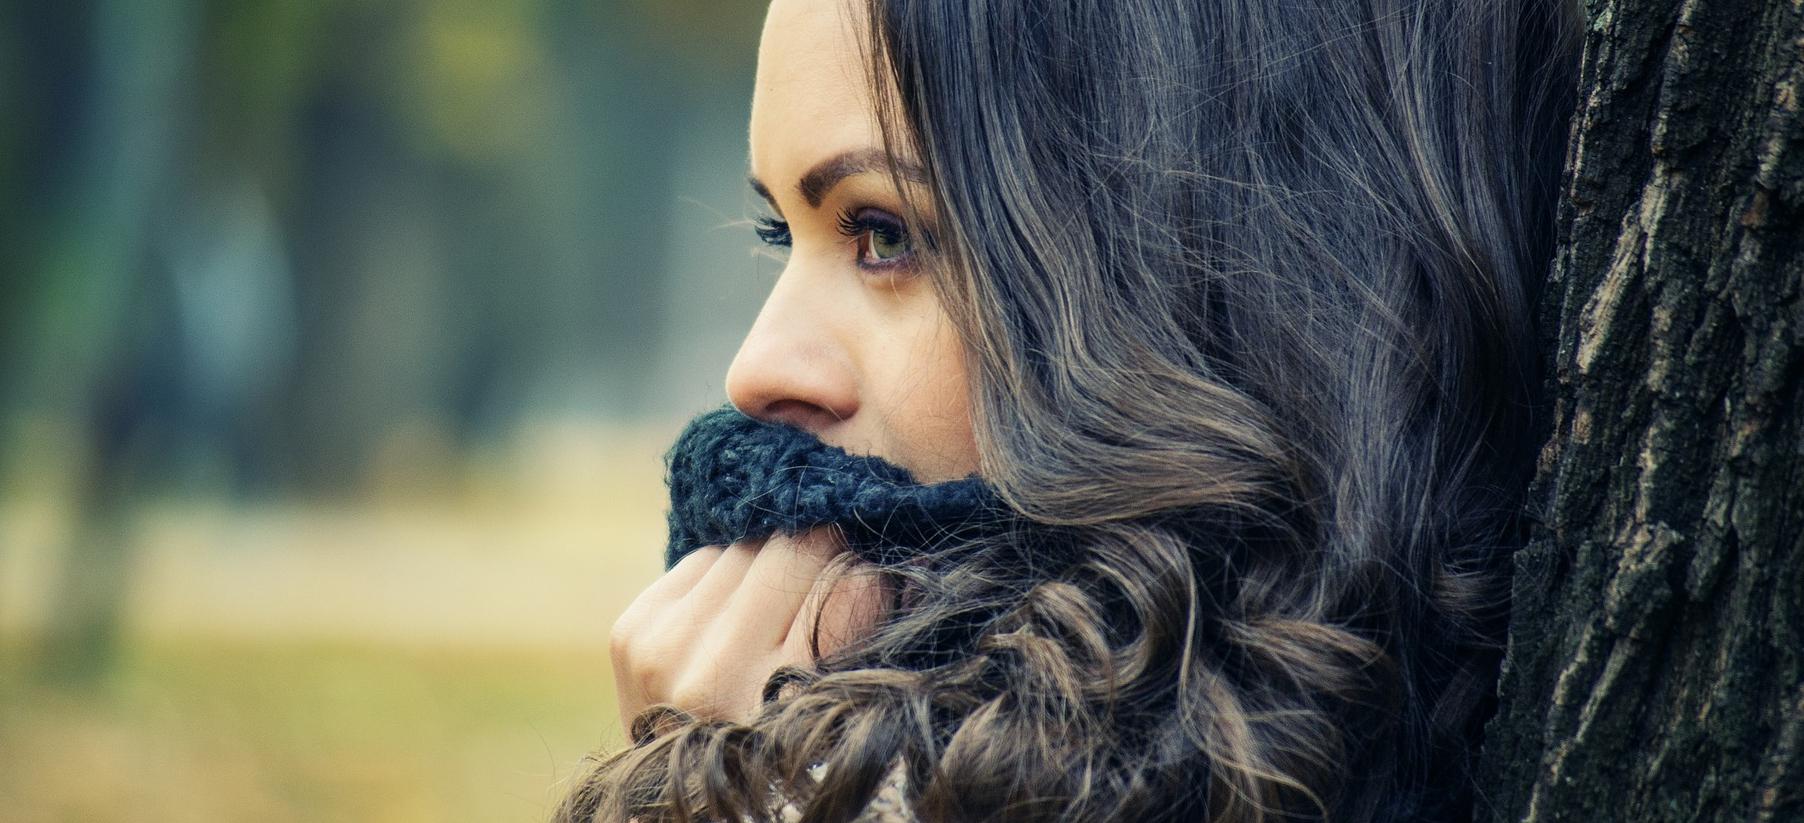 nieprzyjemny zapach z ust może być spowodowany różnymi chorobami